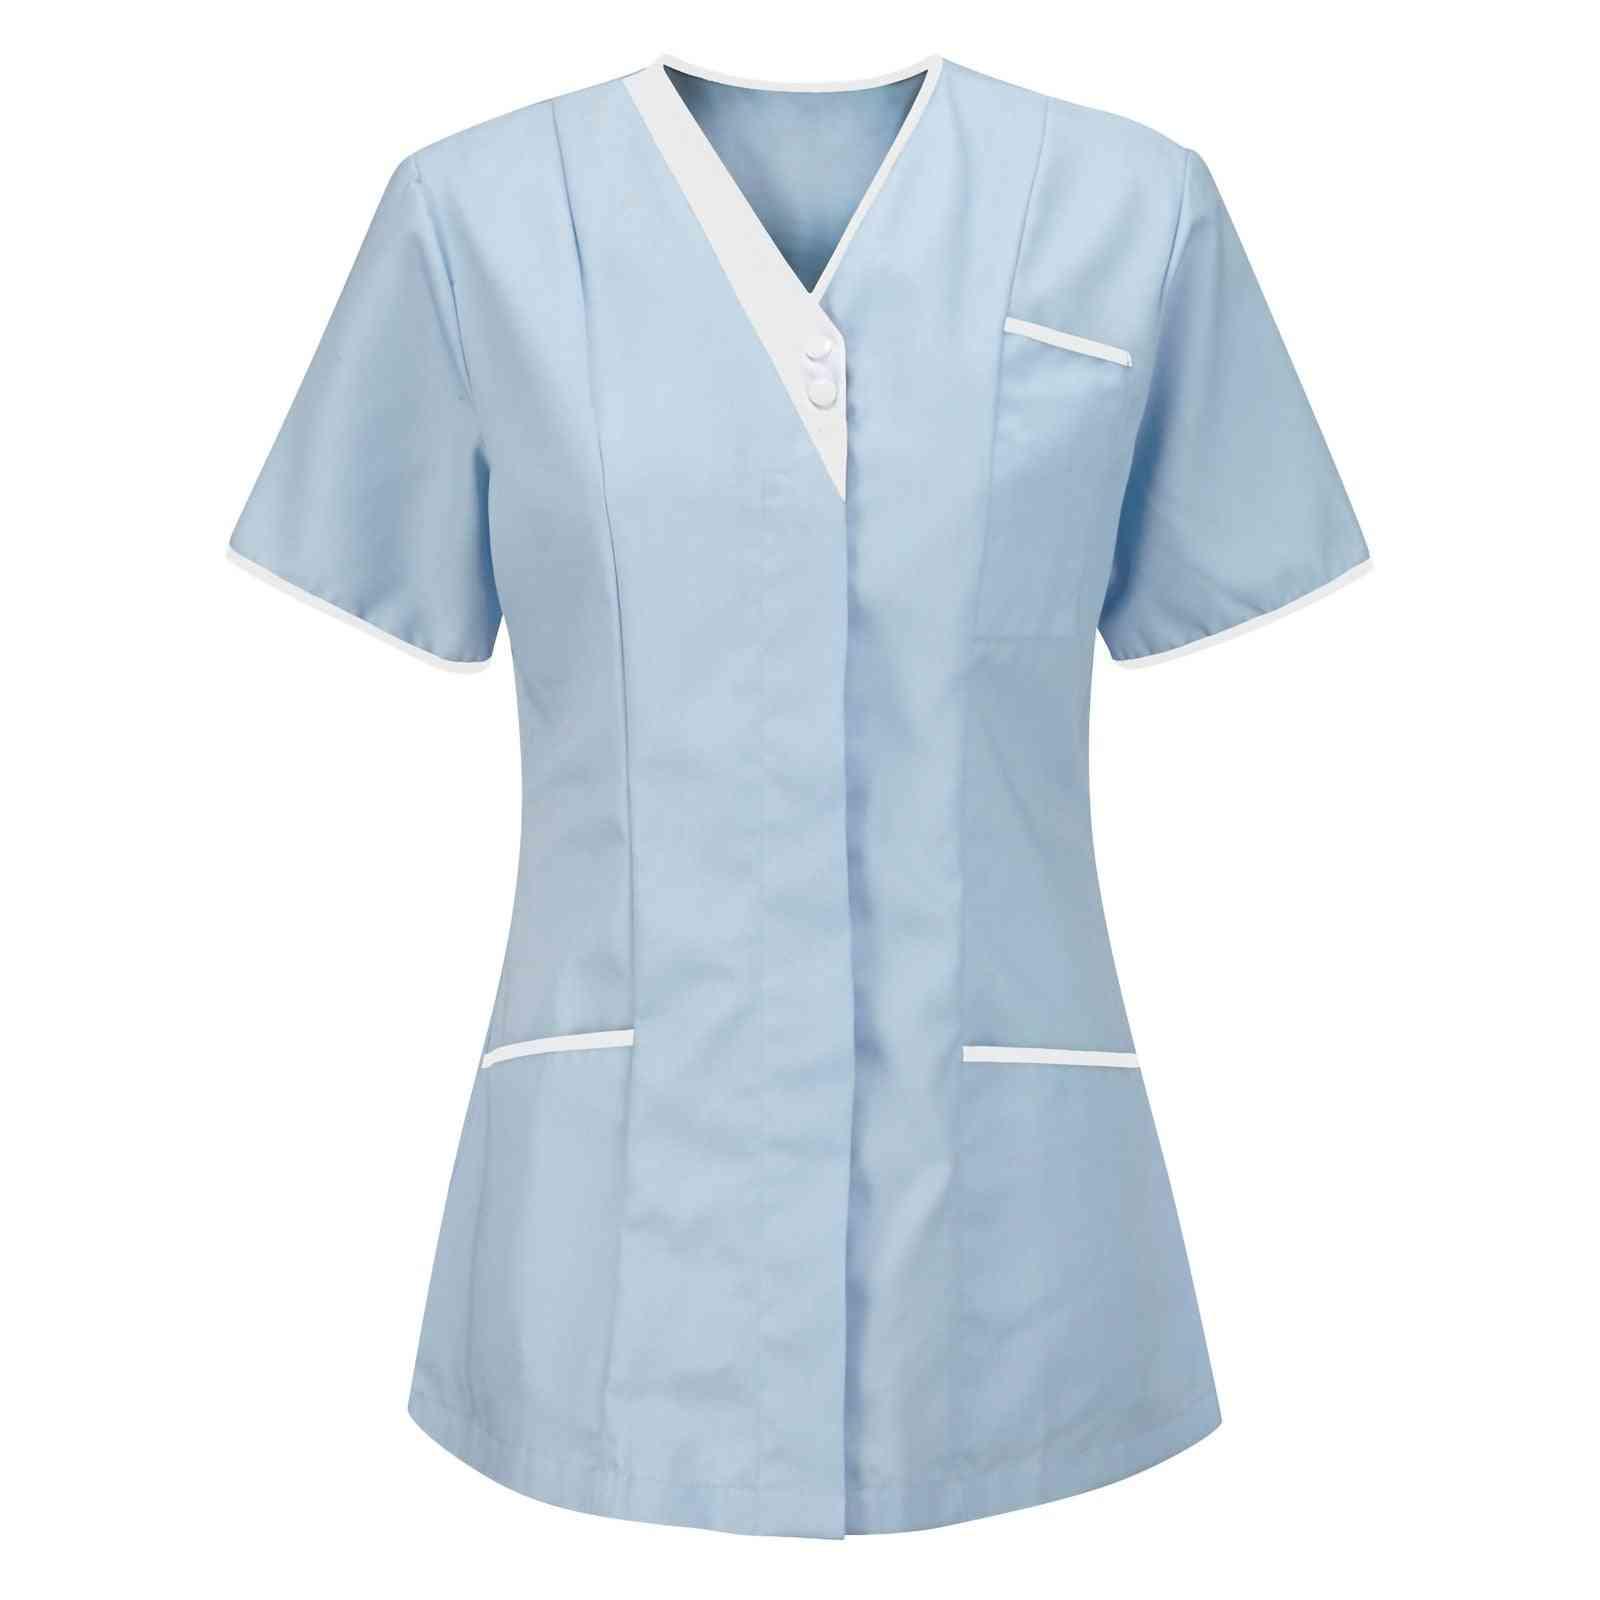 Women's Short Sleeves Working Uniform V-neck Blouse Top Soild Nurses